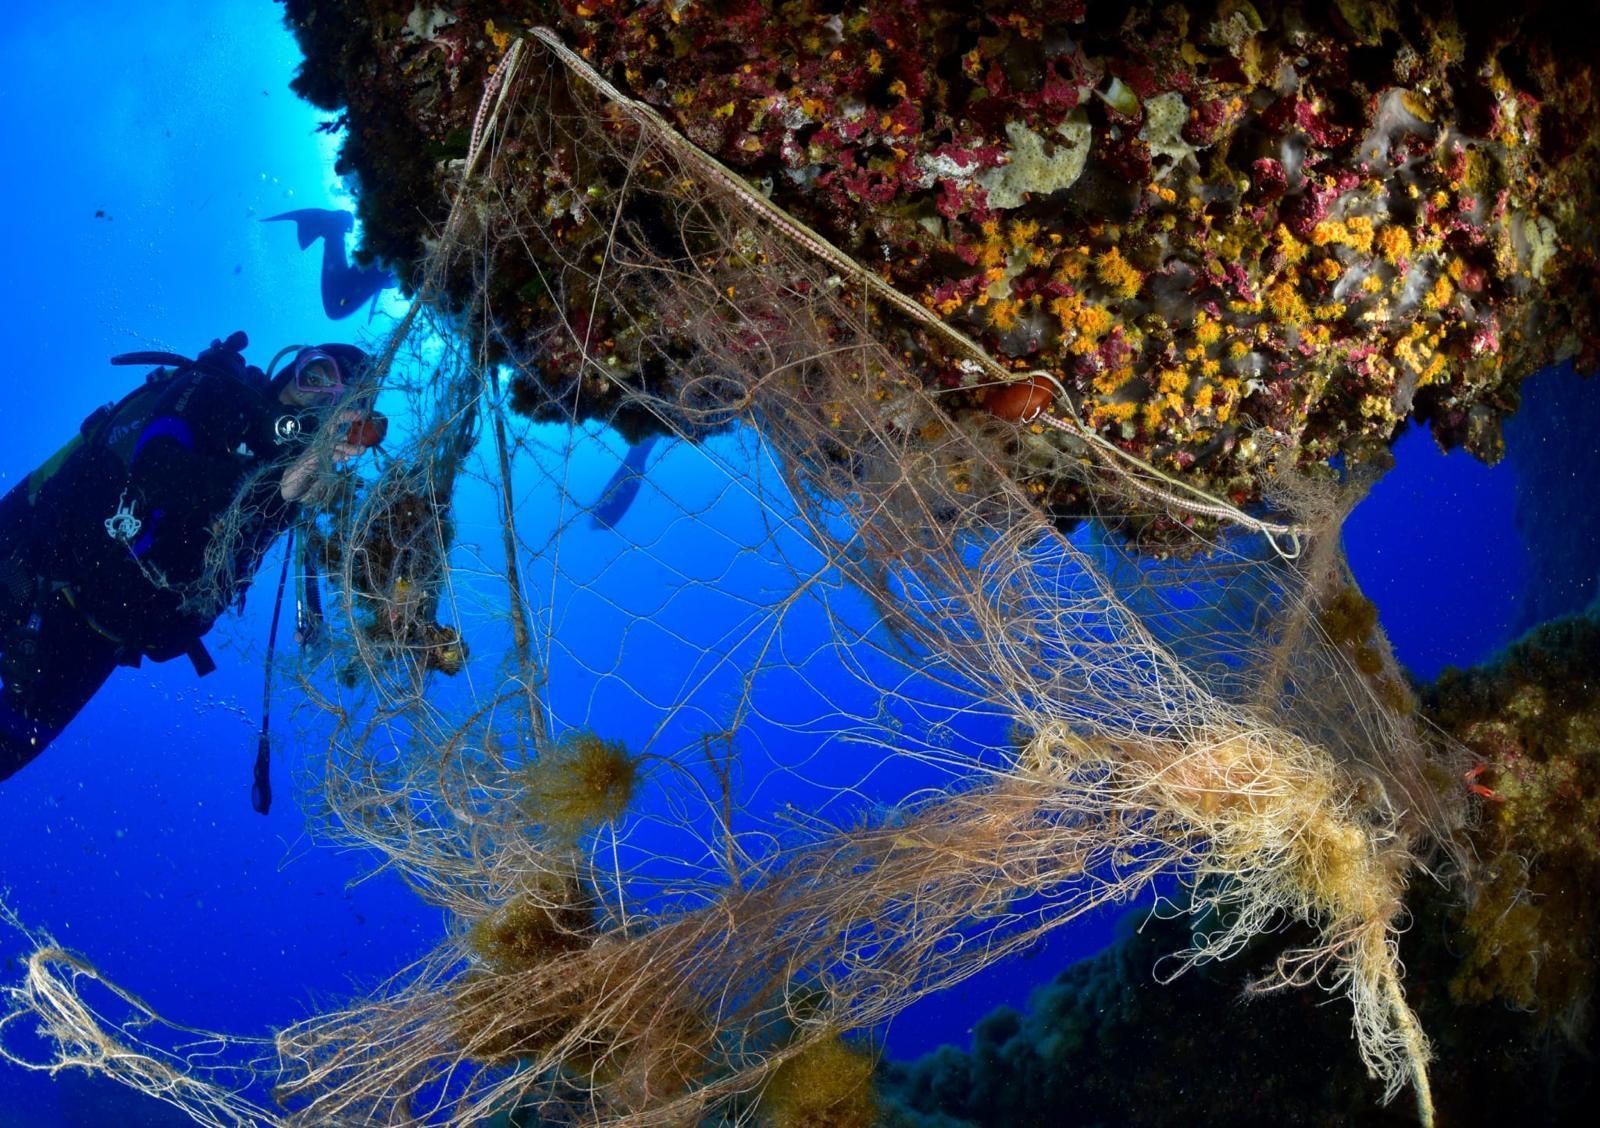 Marevivo recupera una rete abbandonata di oltre 70 metri dai fondali